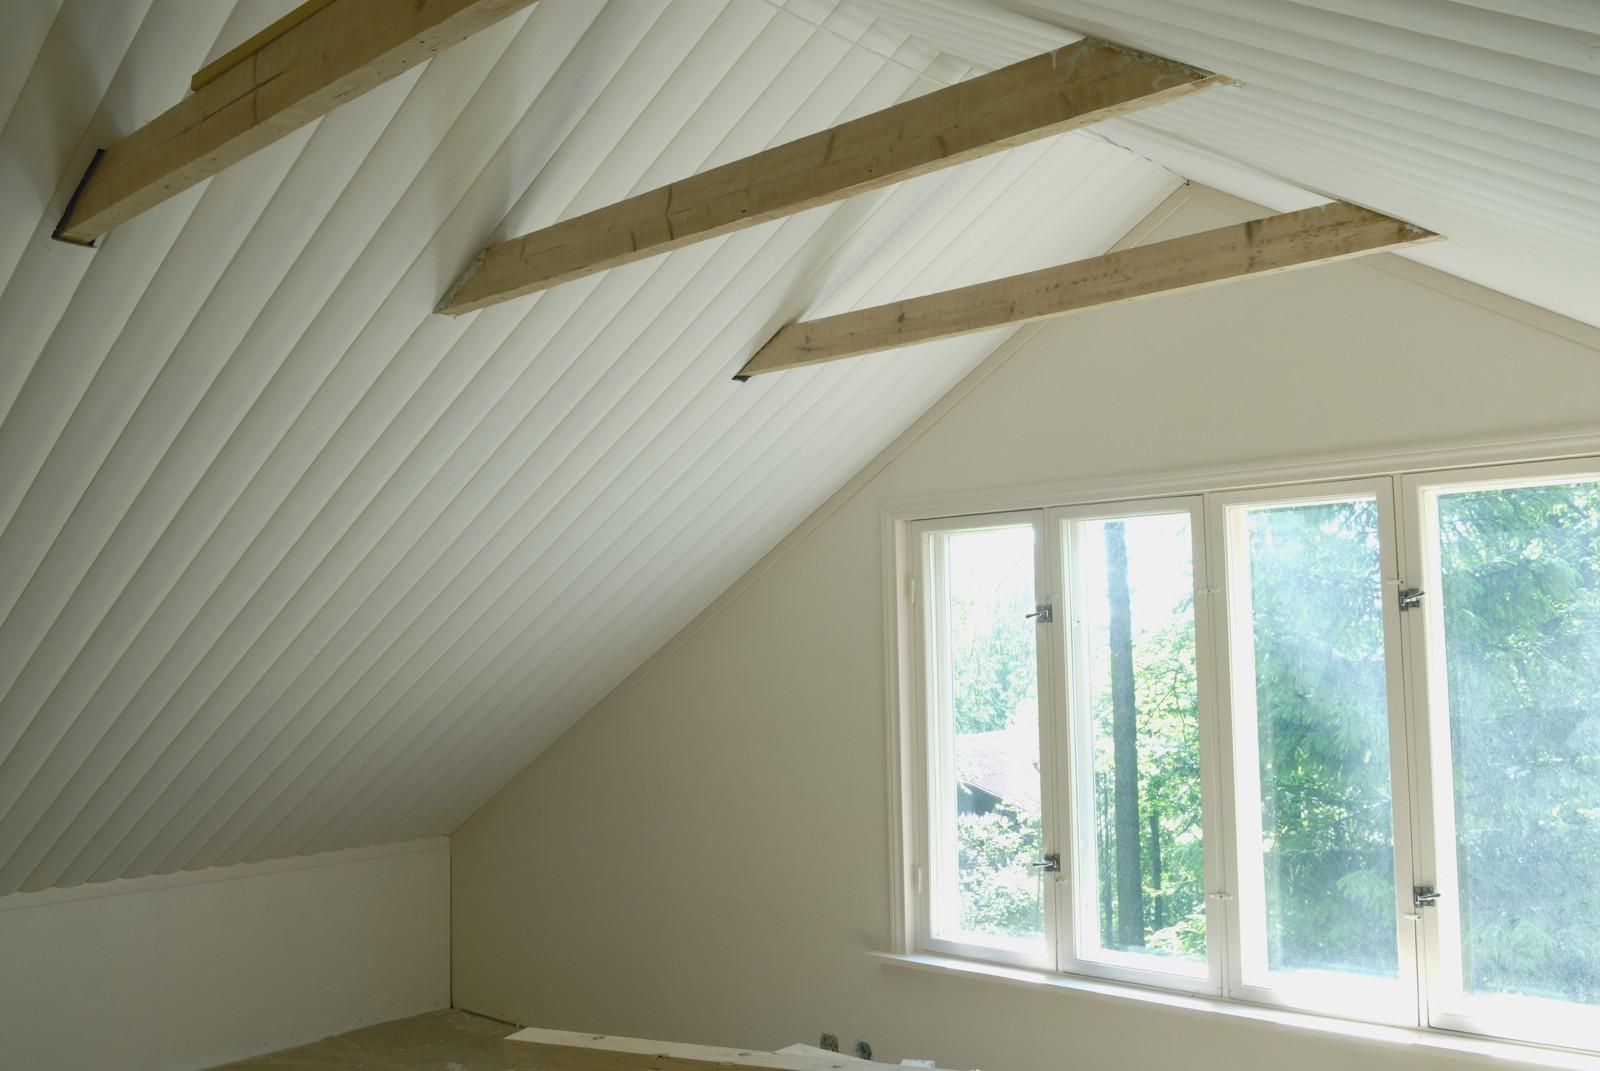 Tikkurilan Paneelikatto Valkoinen kirkastaa katon ilmeen kotona ja mökillä